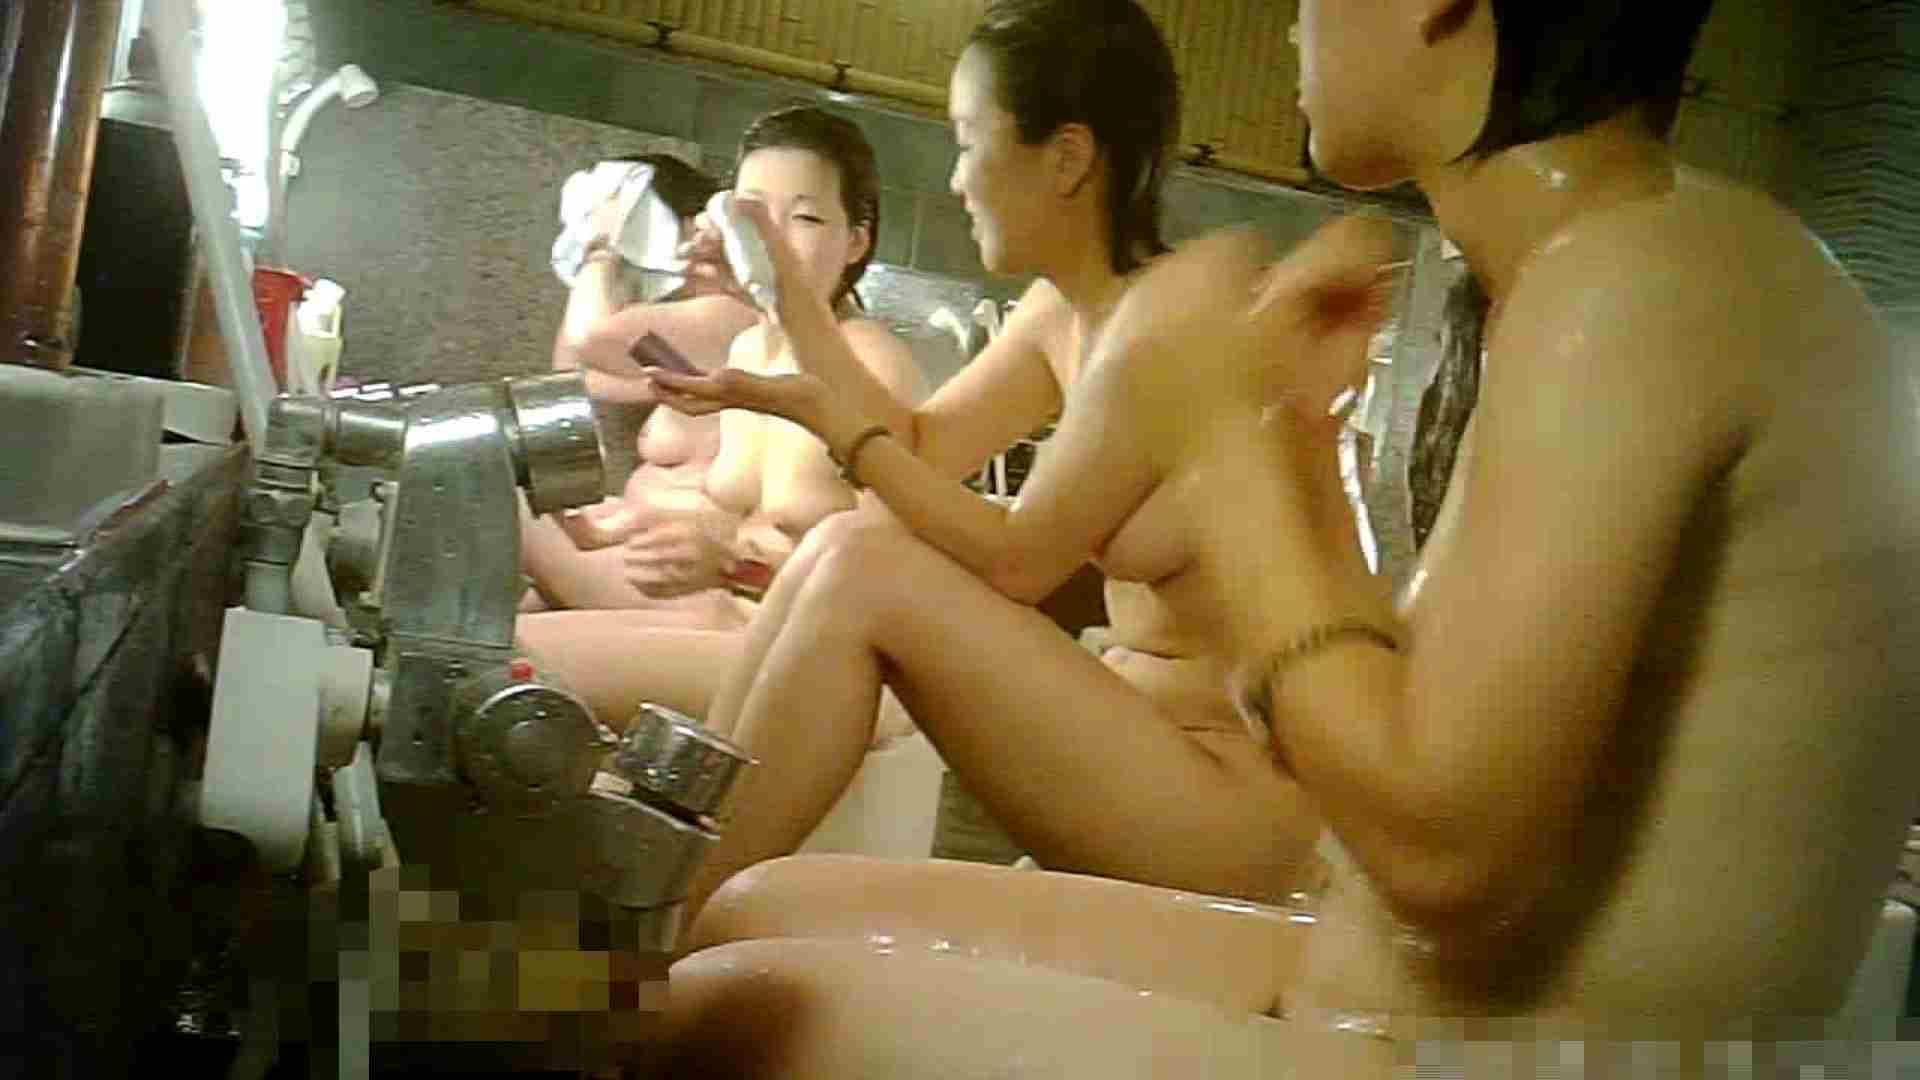 手を染めてしまった女性盗撮師の女風呂潜入記 vol.006 潜入 セックス画像 100PIX 50